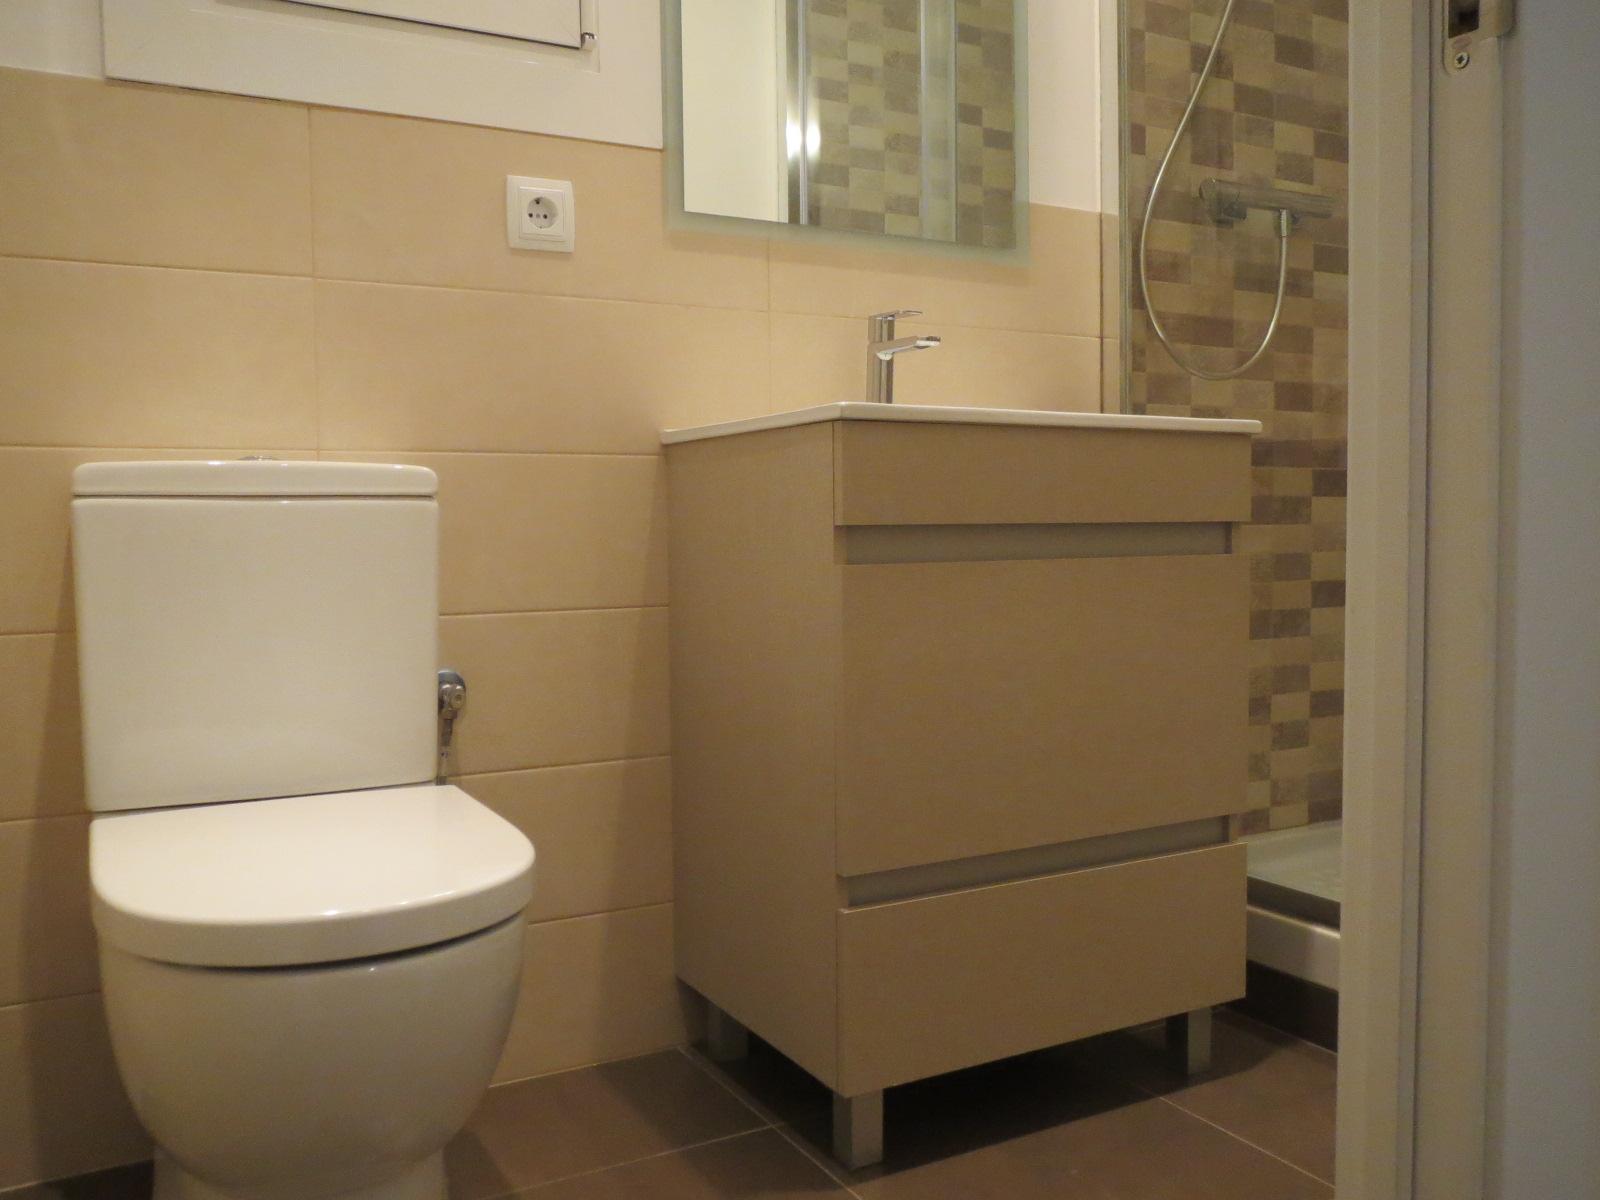 Baños Con Ducha Reformados: con grupo inventia trabajo profesional y compromiso con el cliente